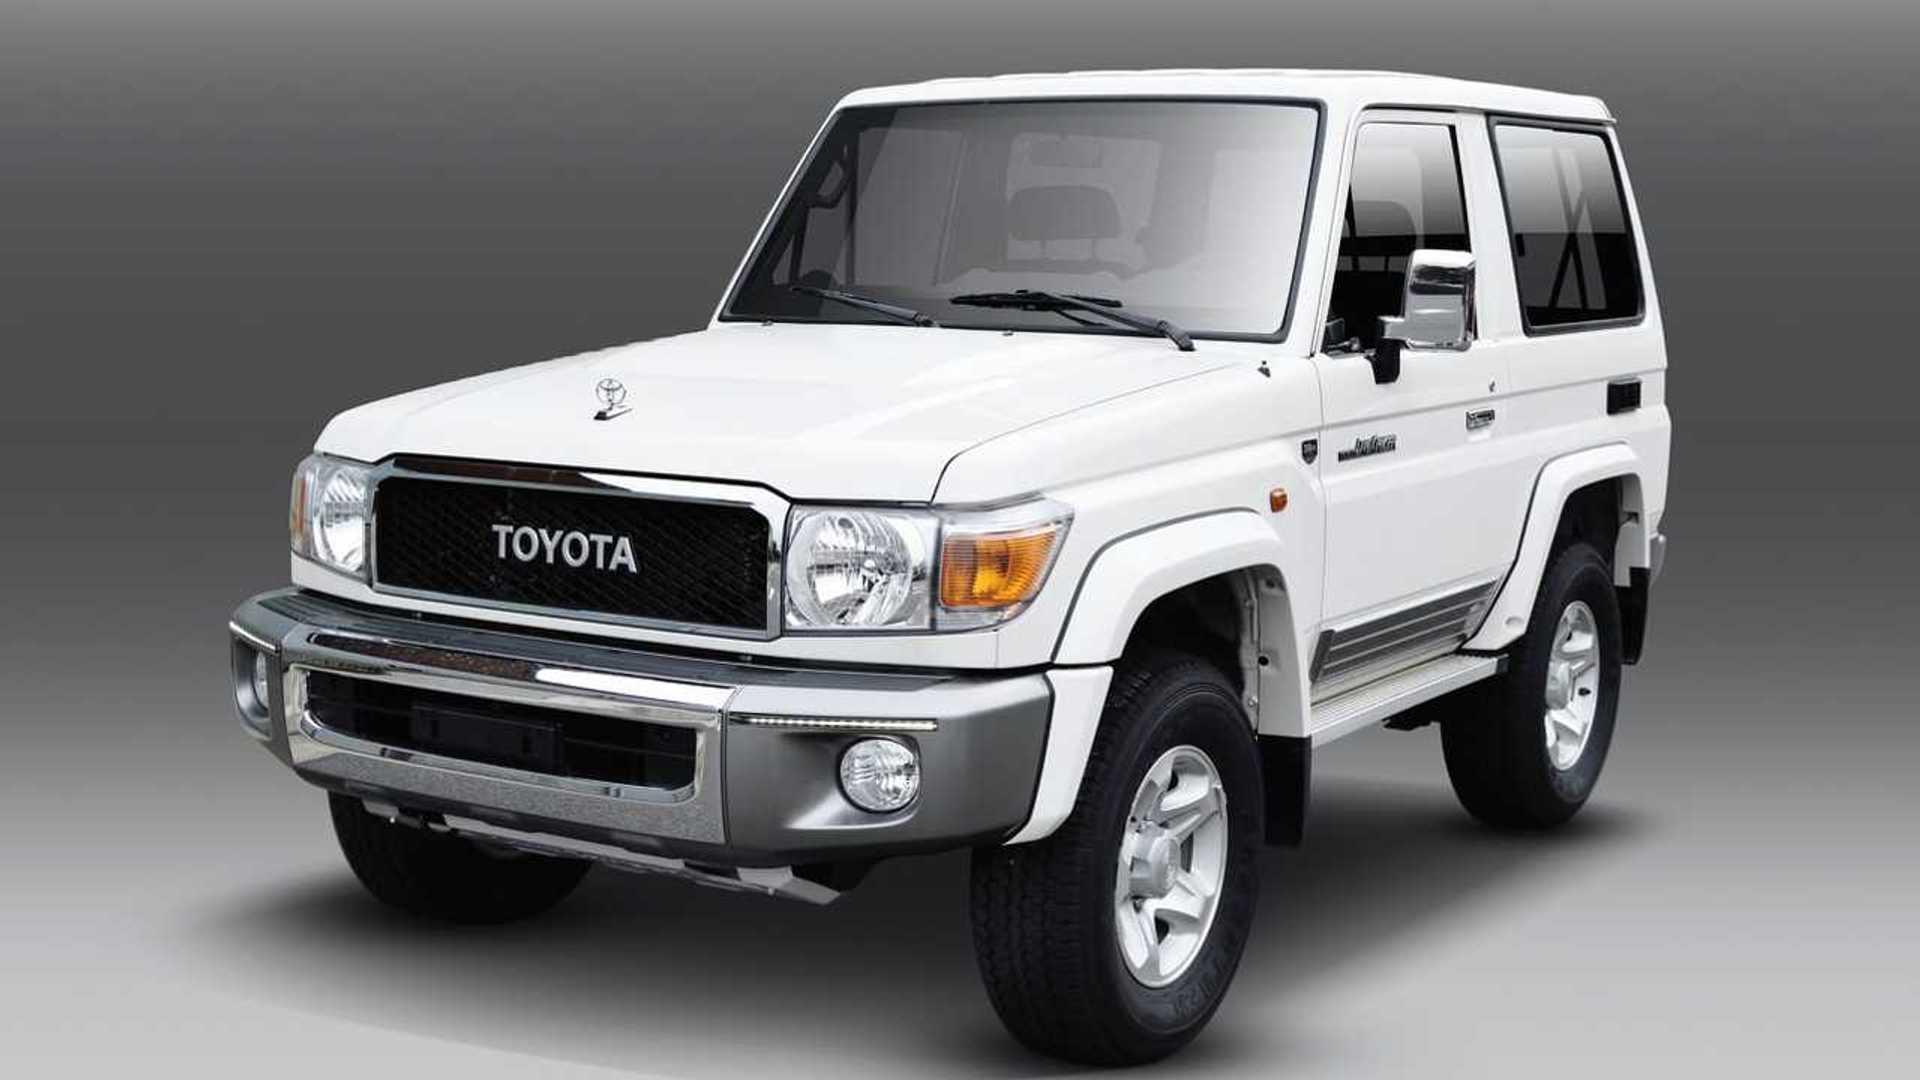 2020 Toyota Land Cruiser Diesel Pictures